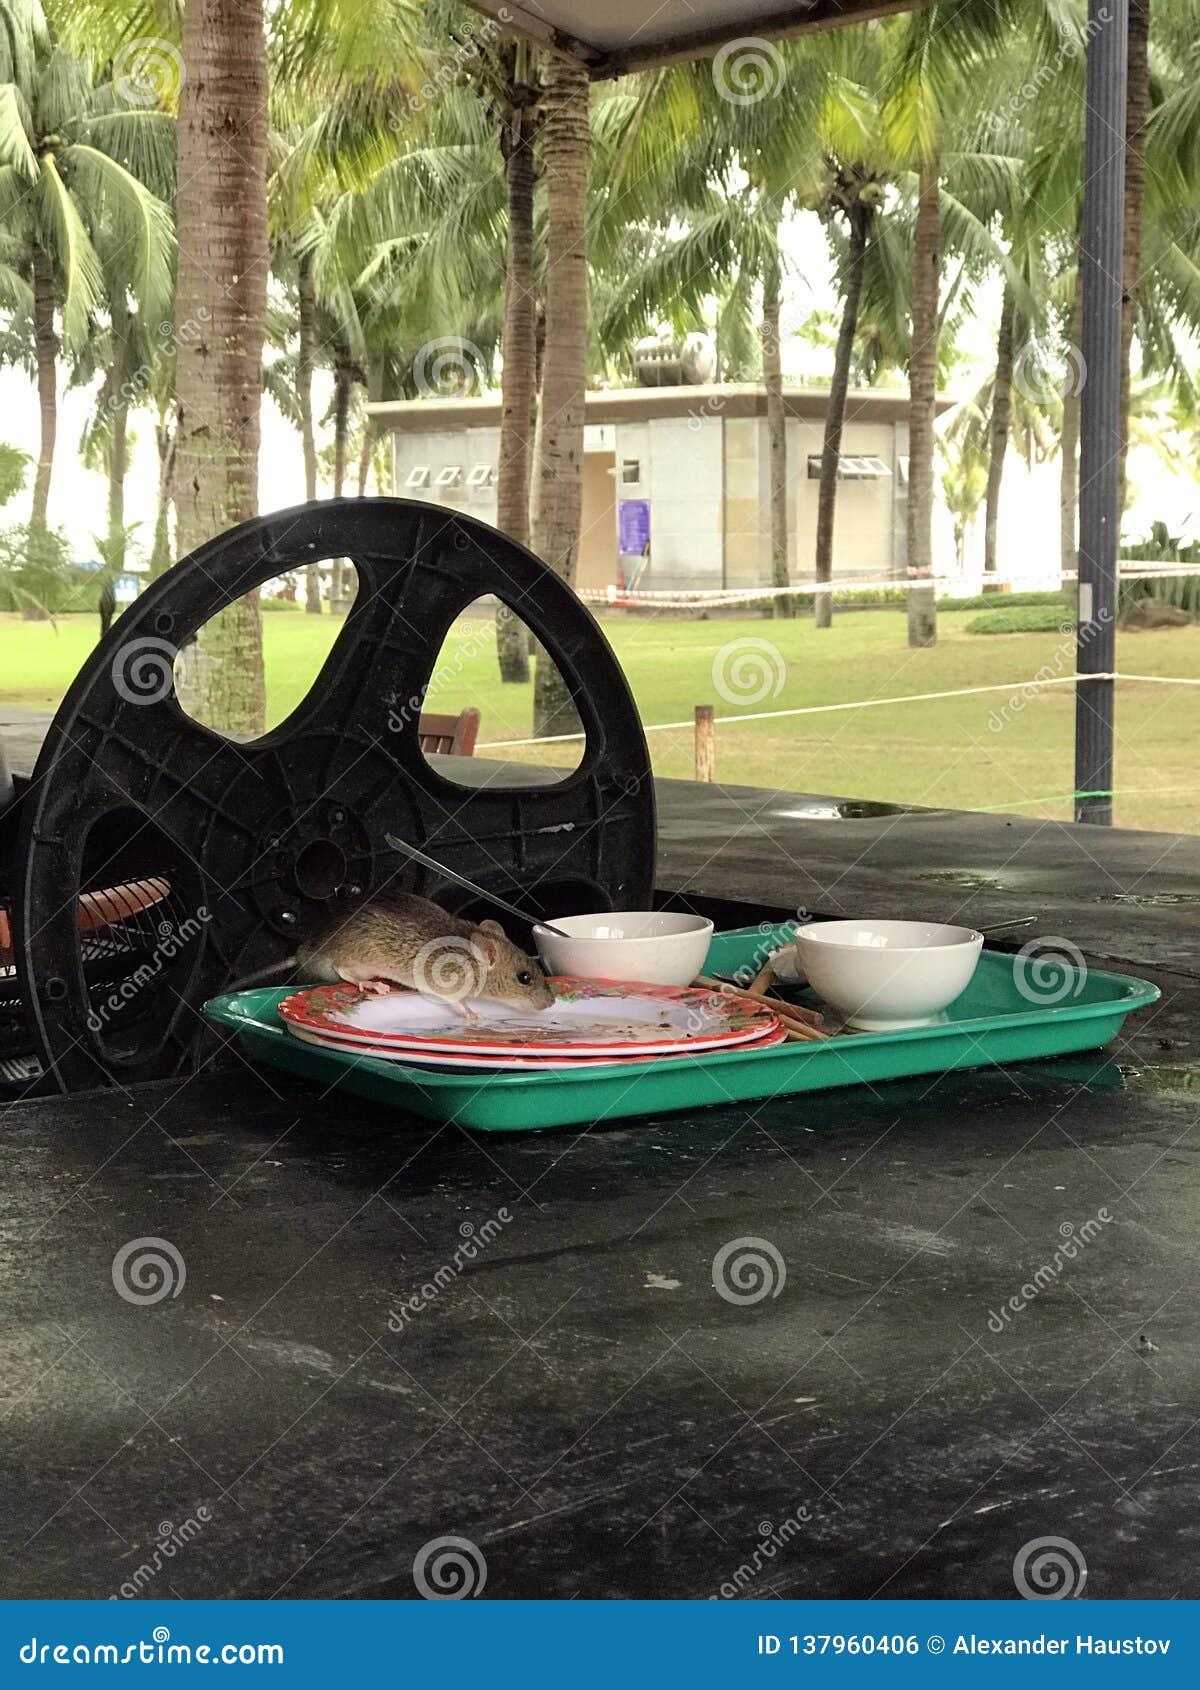 La souris dans le plat mange de la nourriture cambodia